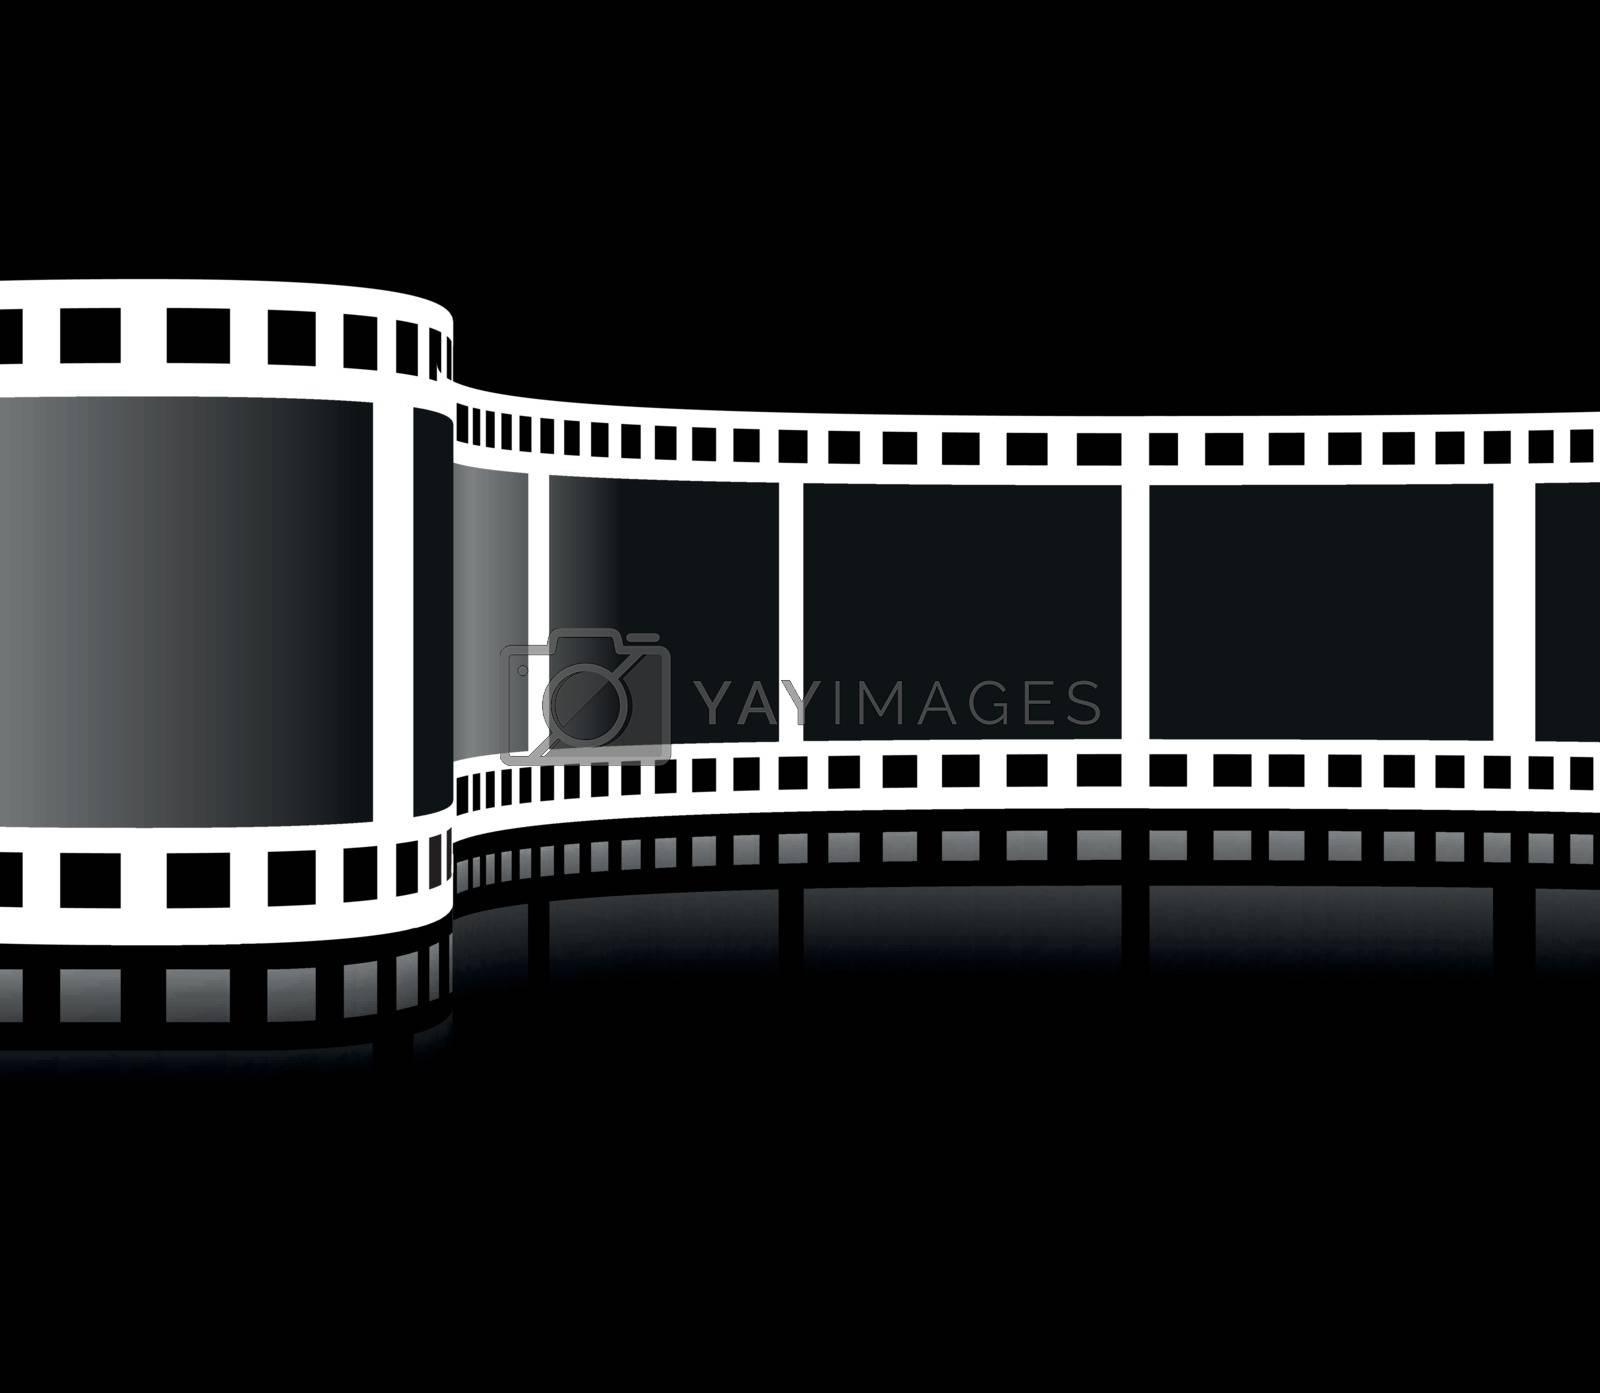 Film strip vector illustration on black background